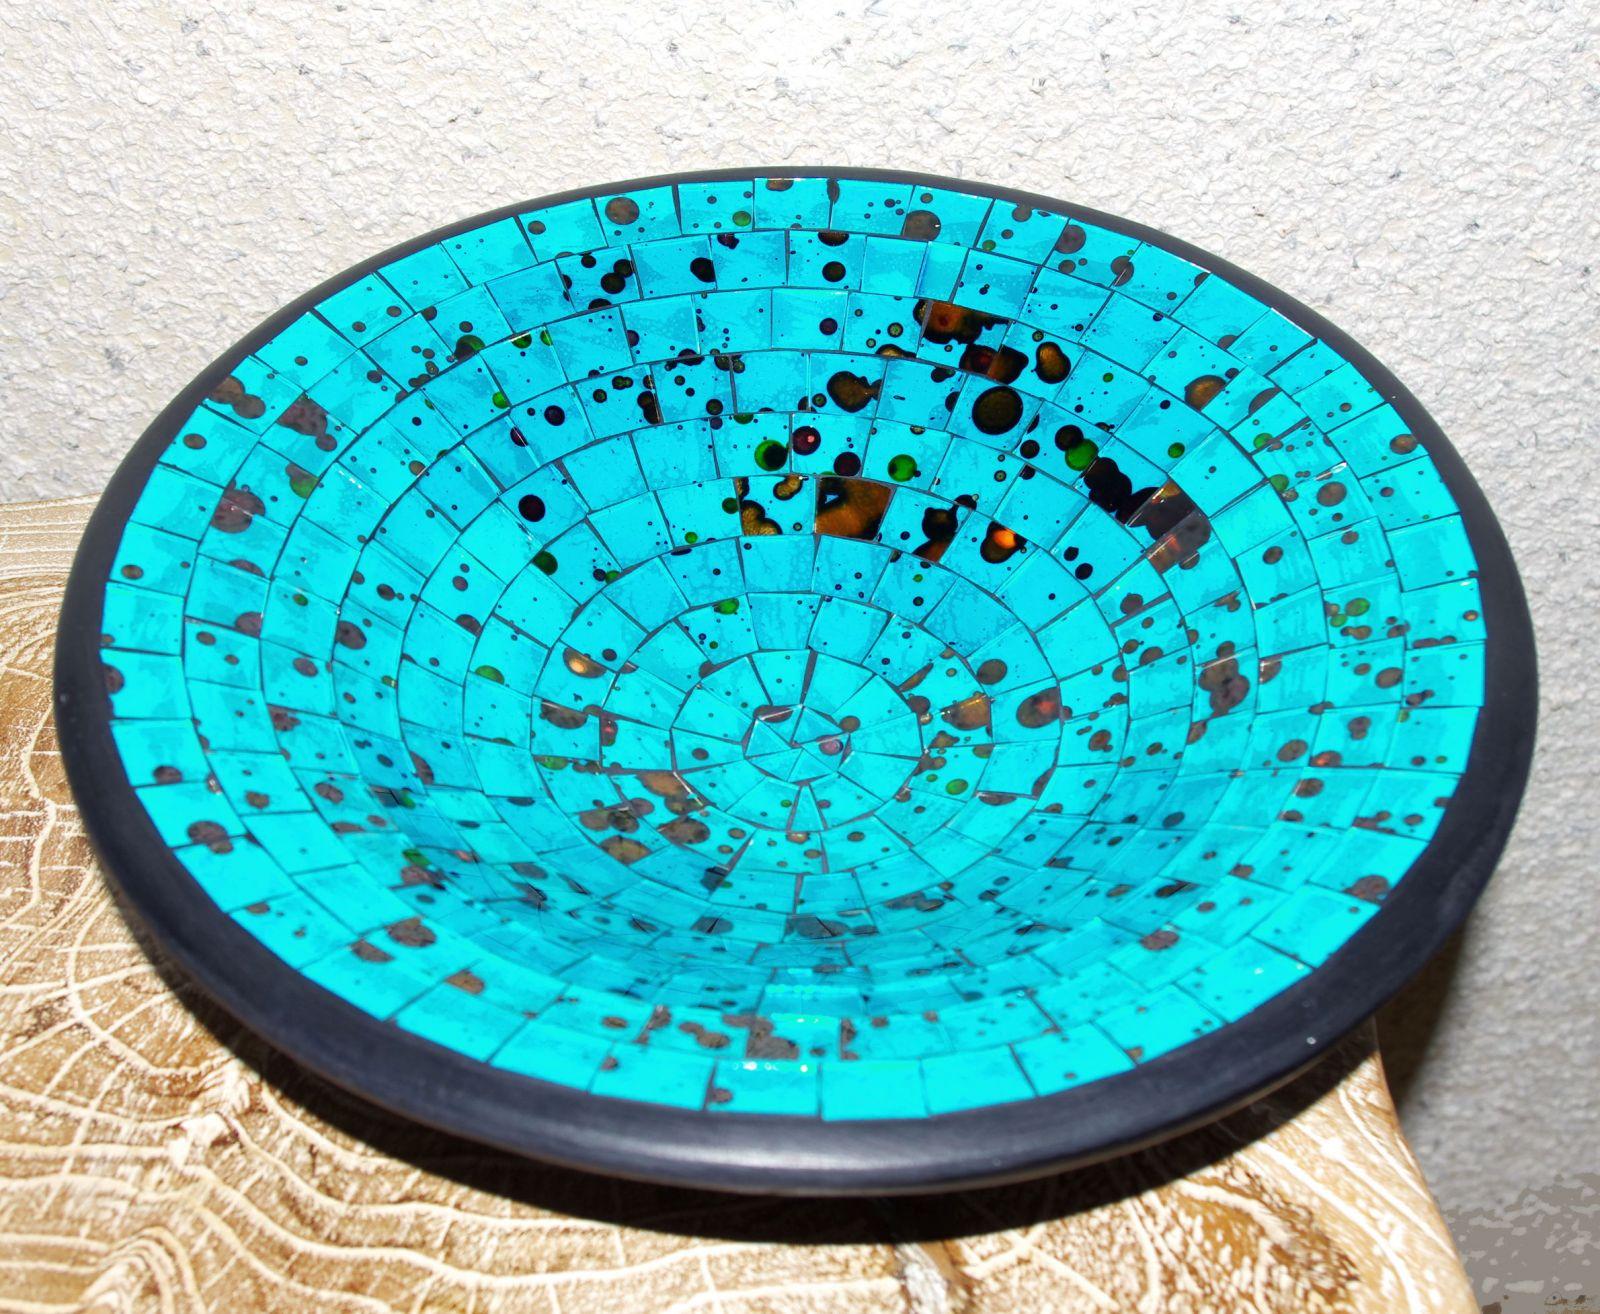 Mísa se skleněnou mozaikou - tmavý tyrkys, terracota, keramika Lombok, Indonésie ID1604101